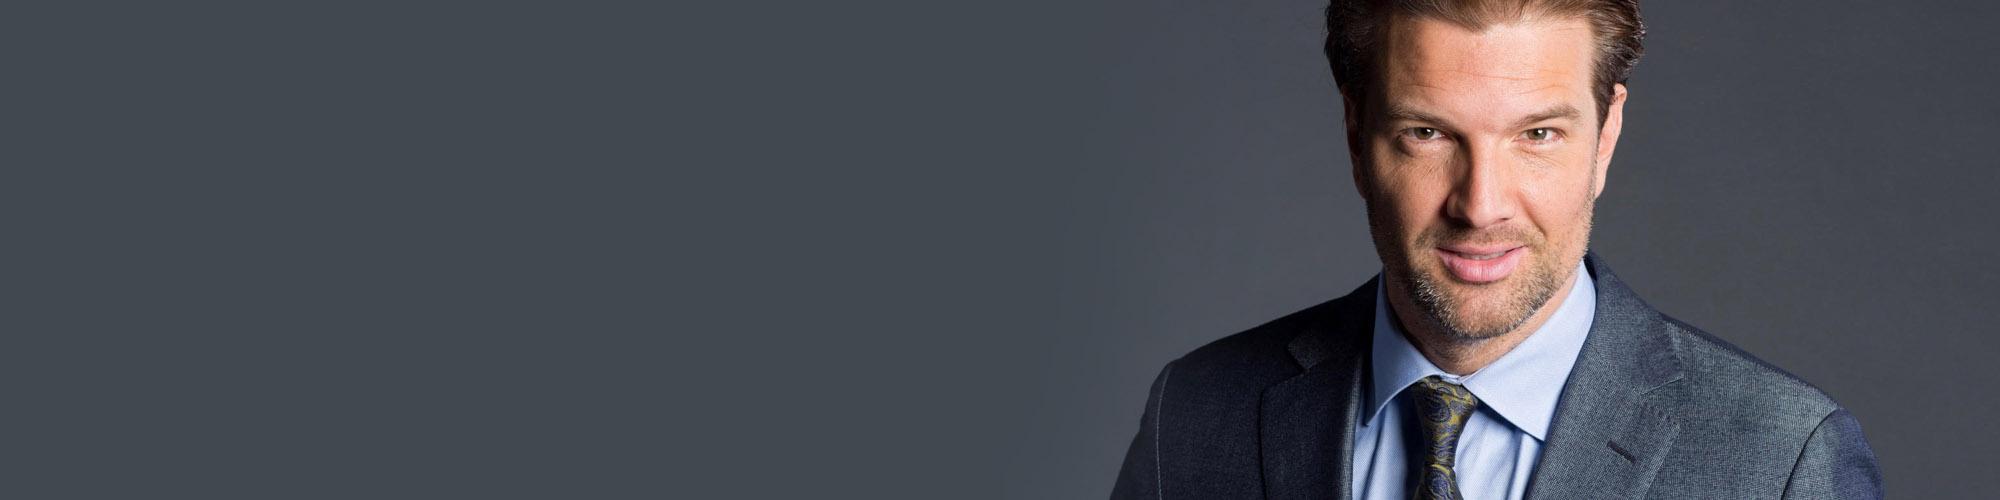 acteur Bas Muijs, kijkt in de camera